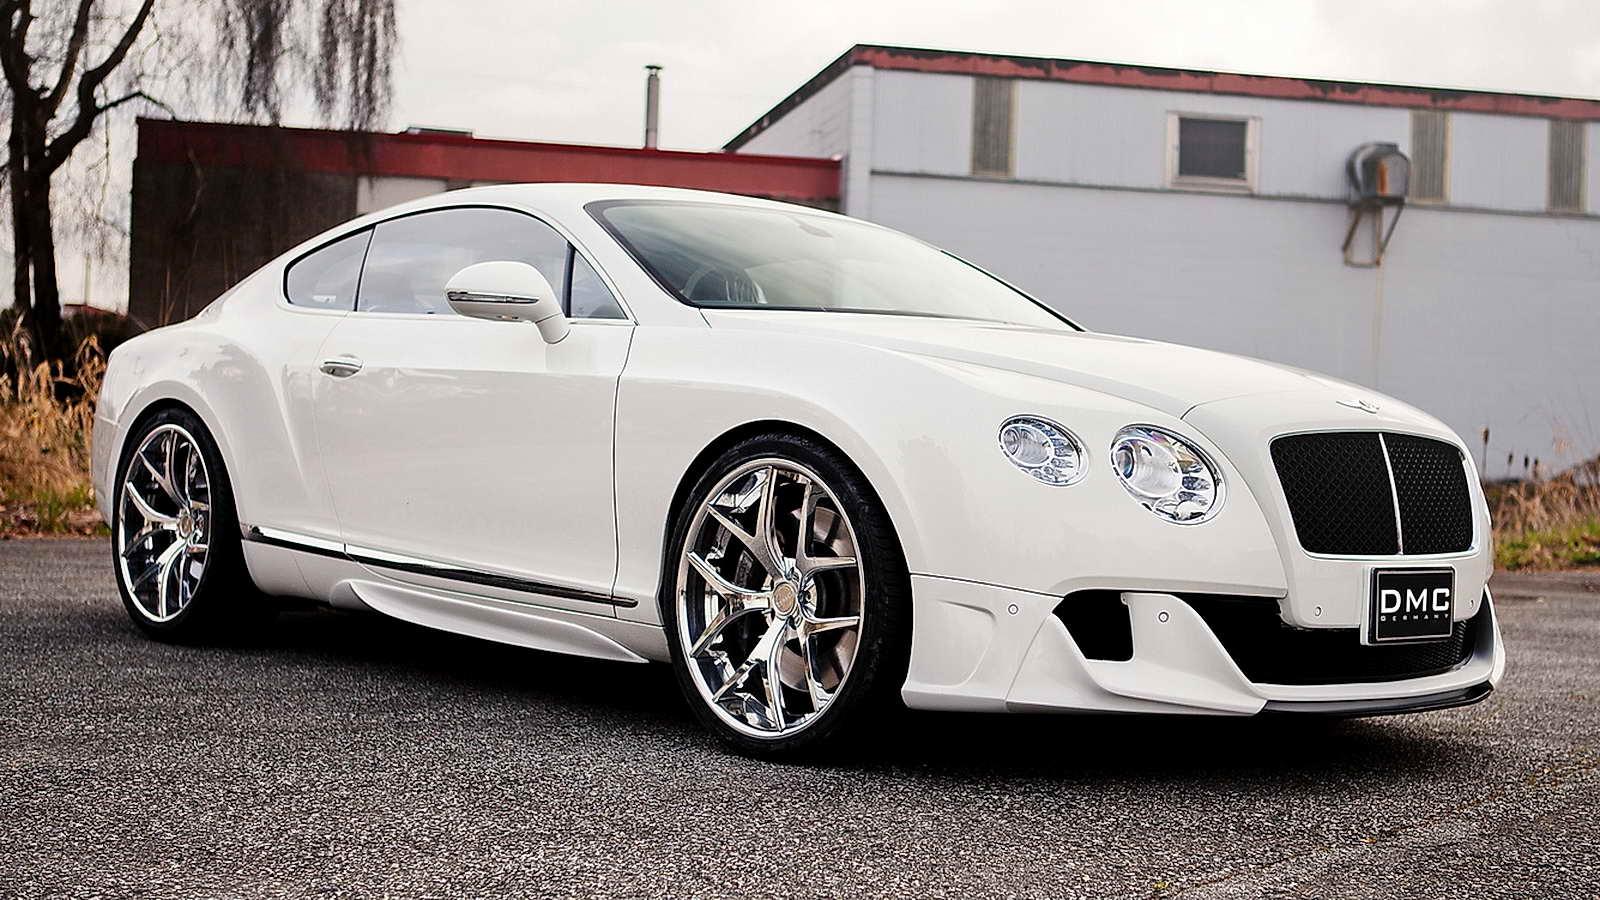 DMC_Bentley_Continental_GT_DURO_01